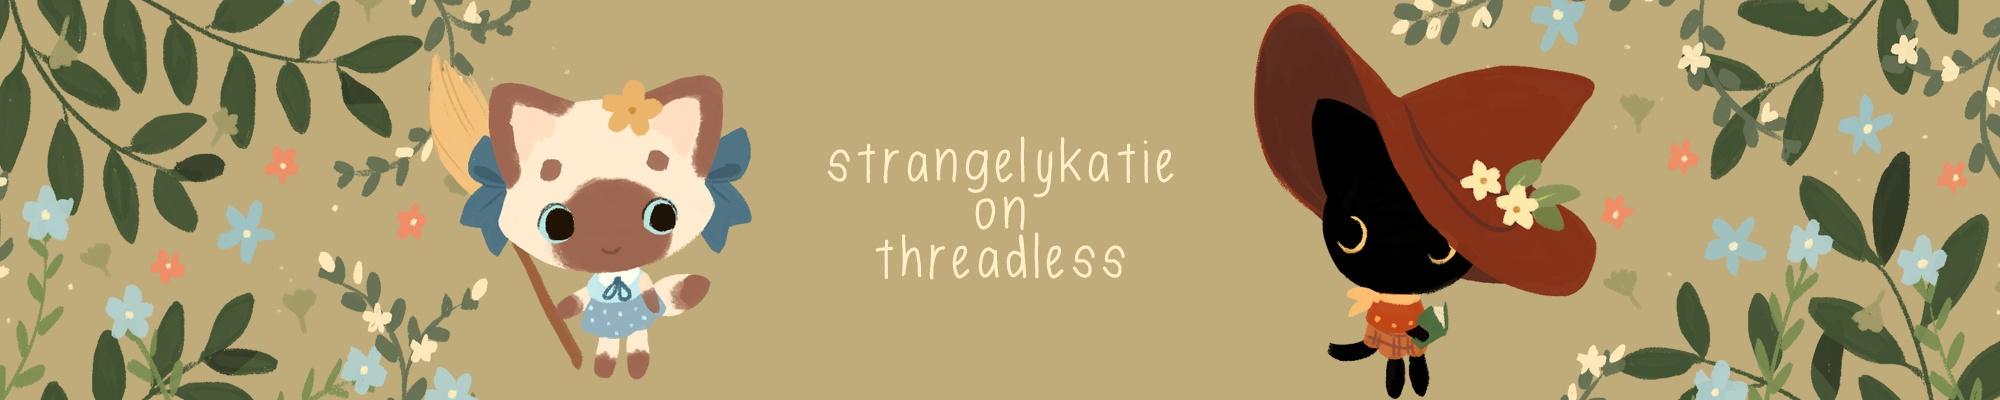 strangelykatie Cover